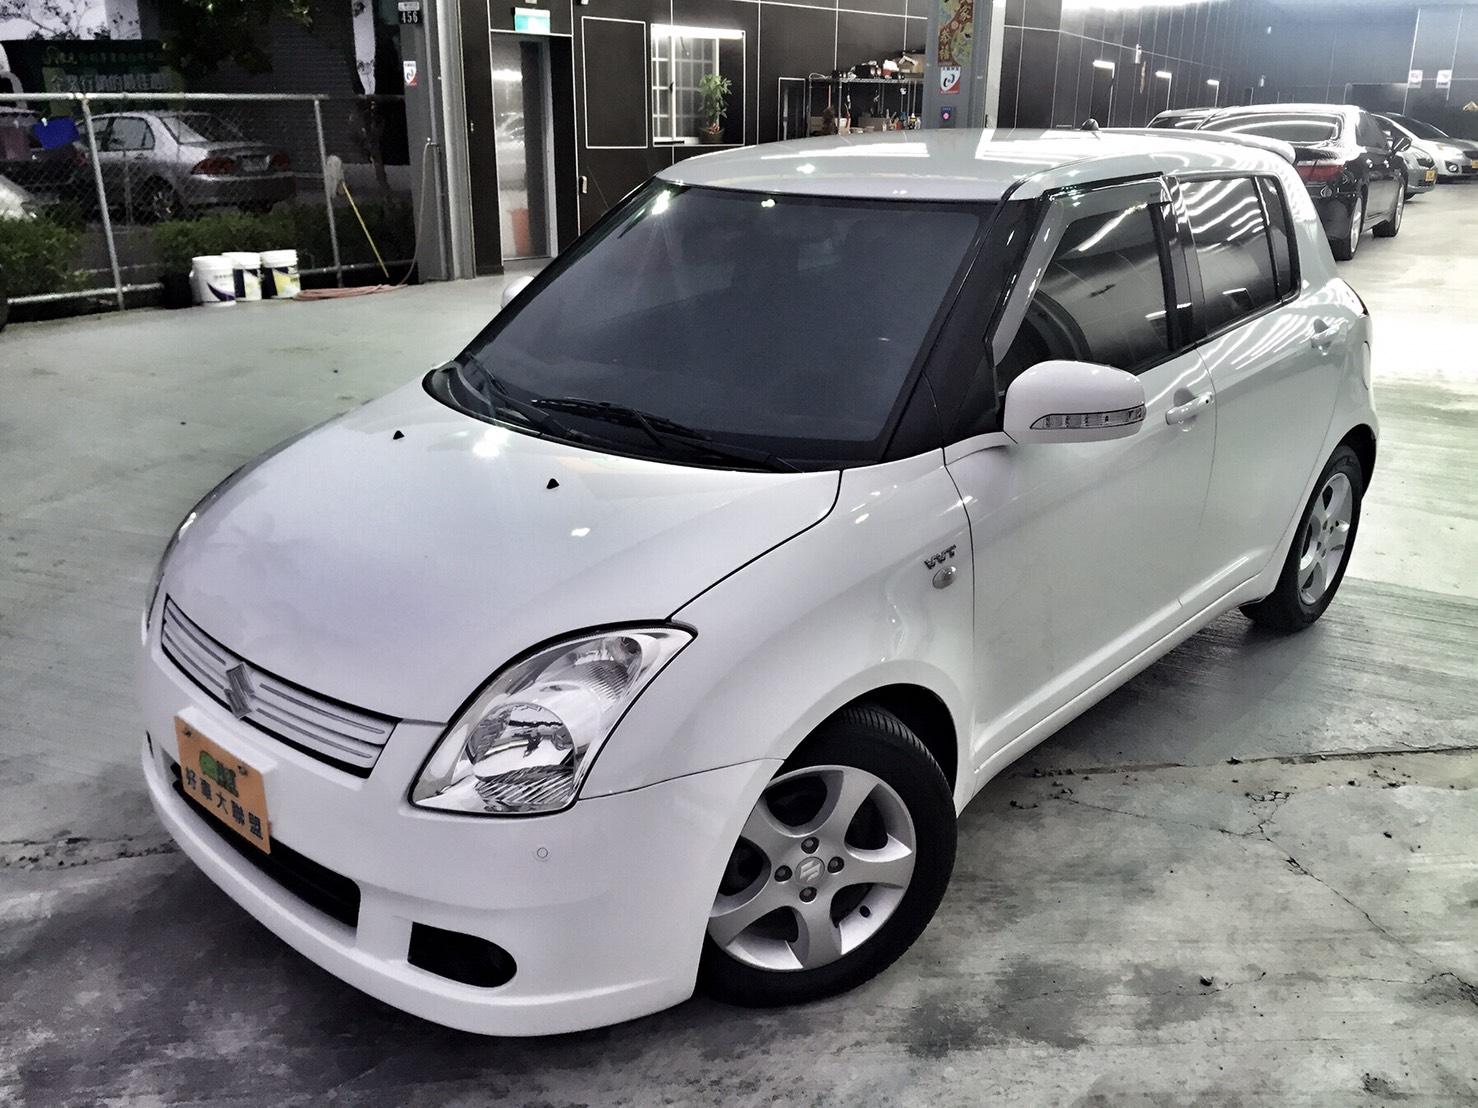 2007 Suzuki 鈴木 Swift